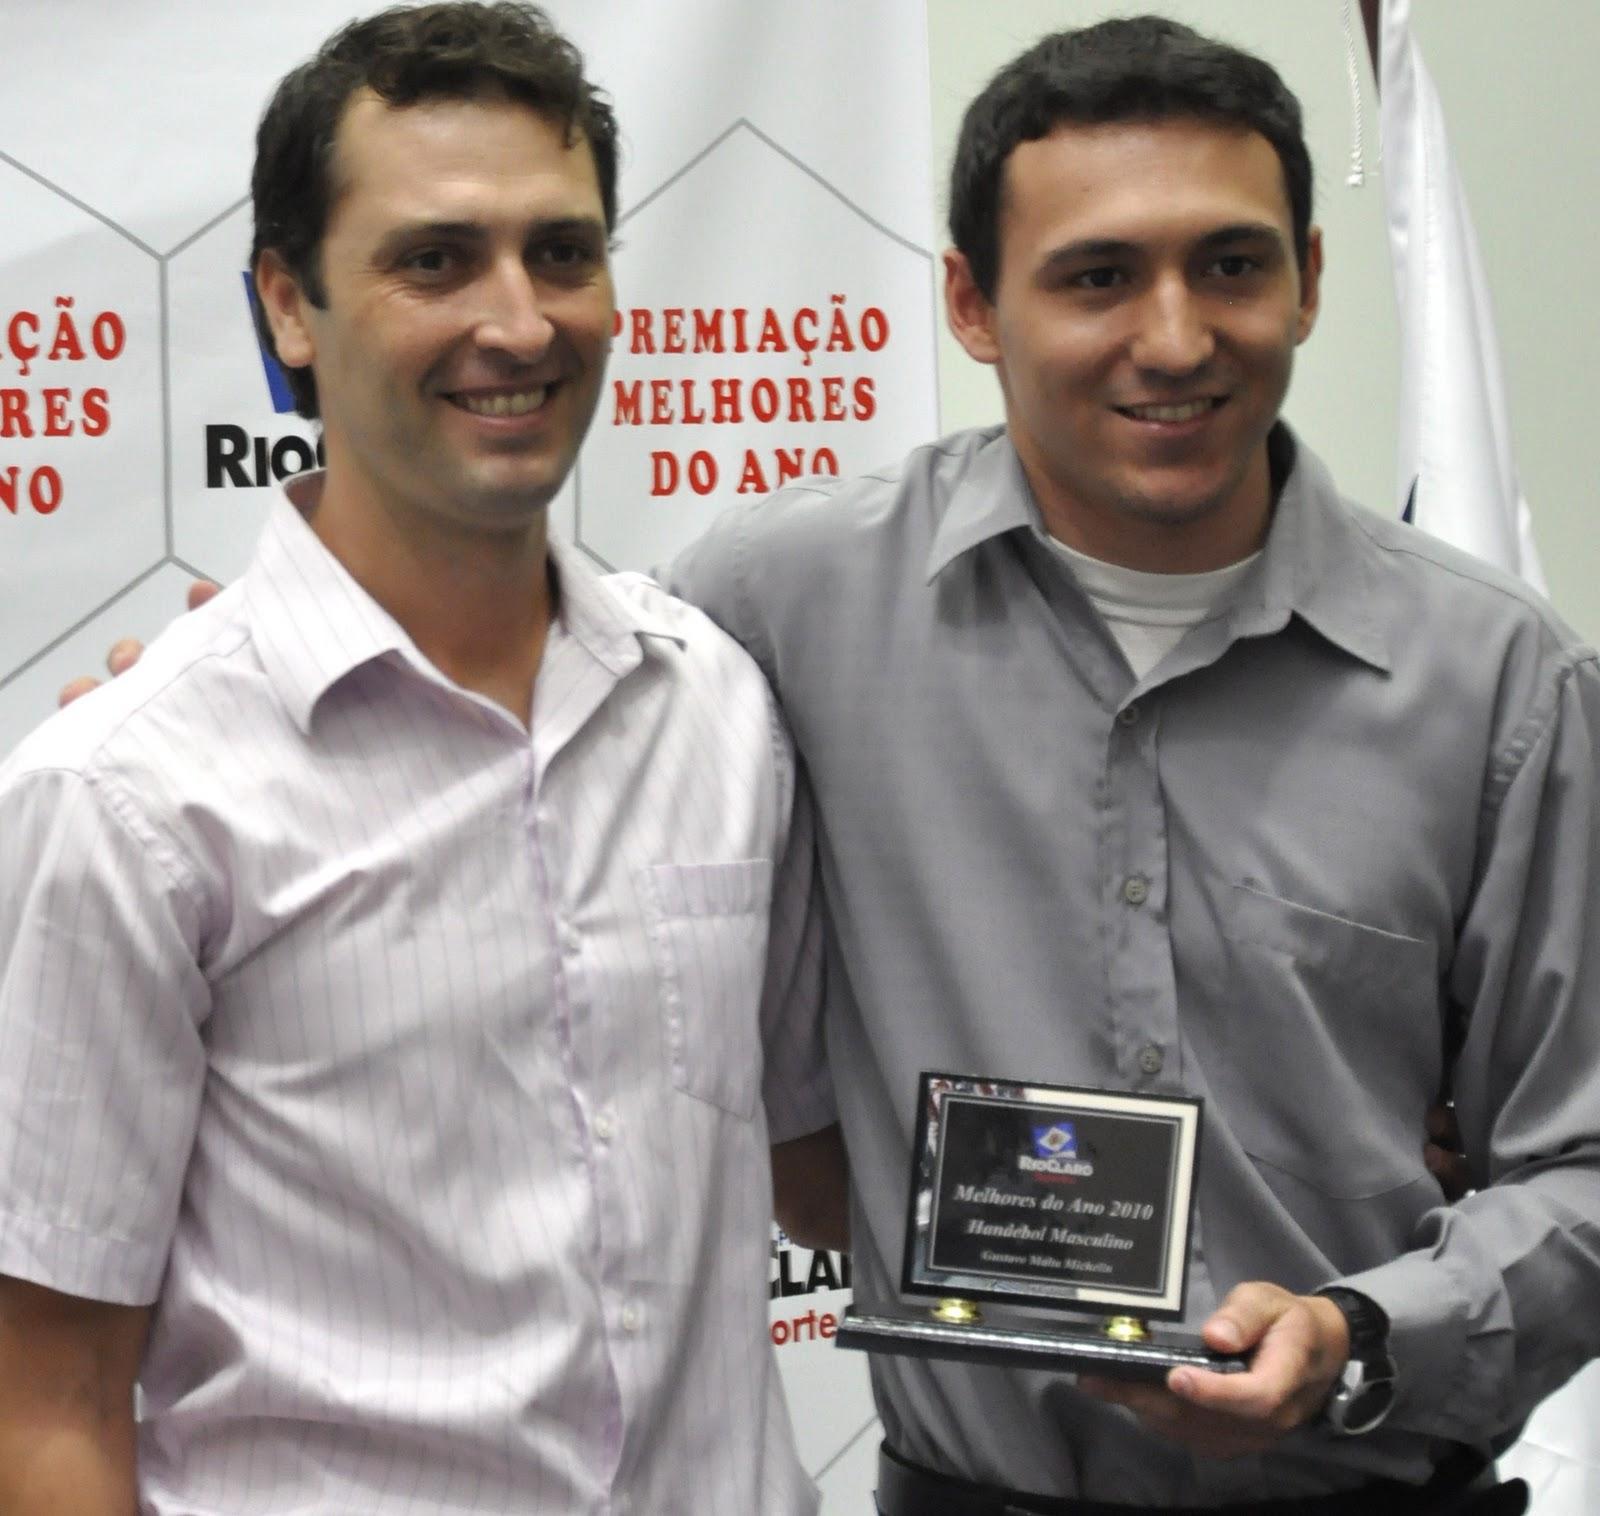 Prefeitura de Rio Claro homenageou os Melhores de 2010 Esporte #A53326 1600x1516 Banheiro Adaptado Arthur Lima